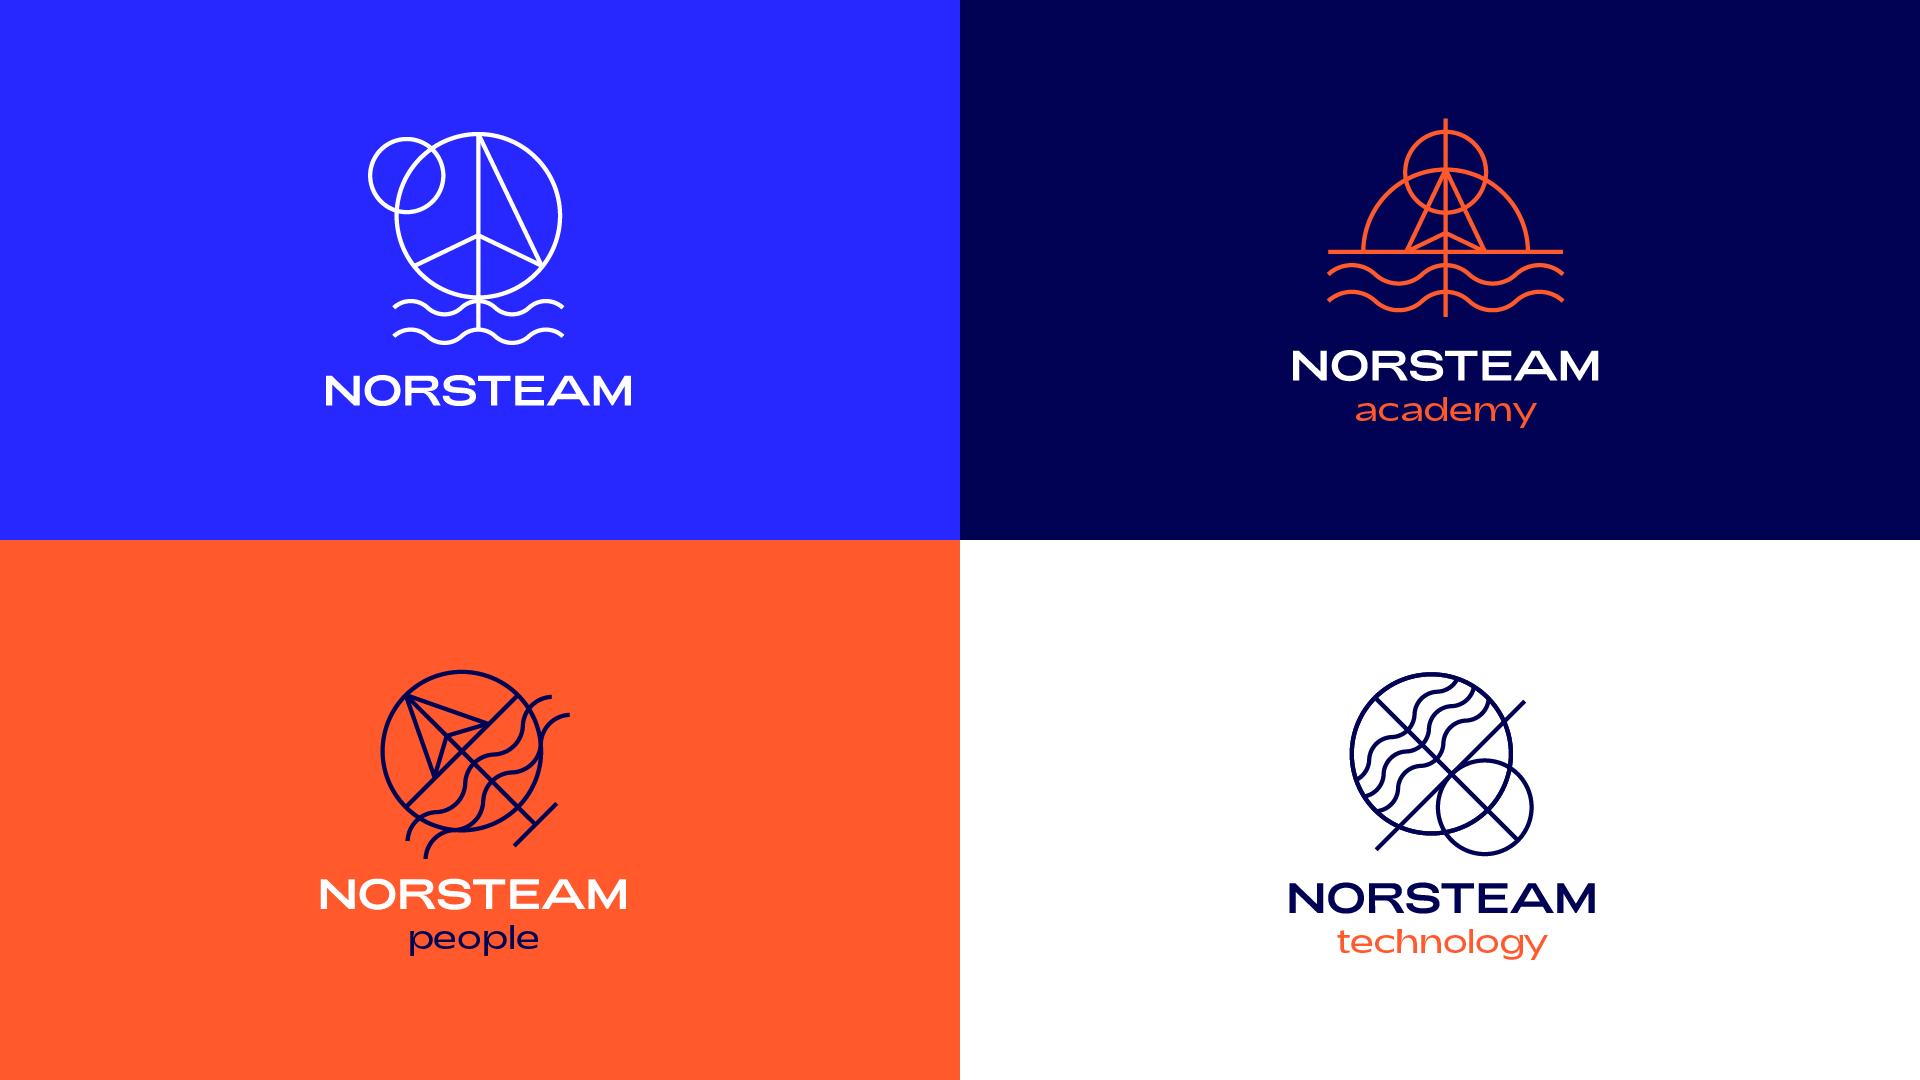 Norsteam